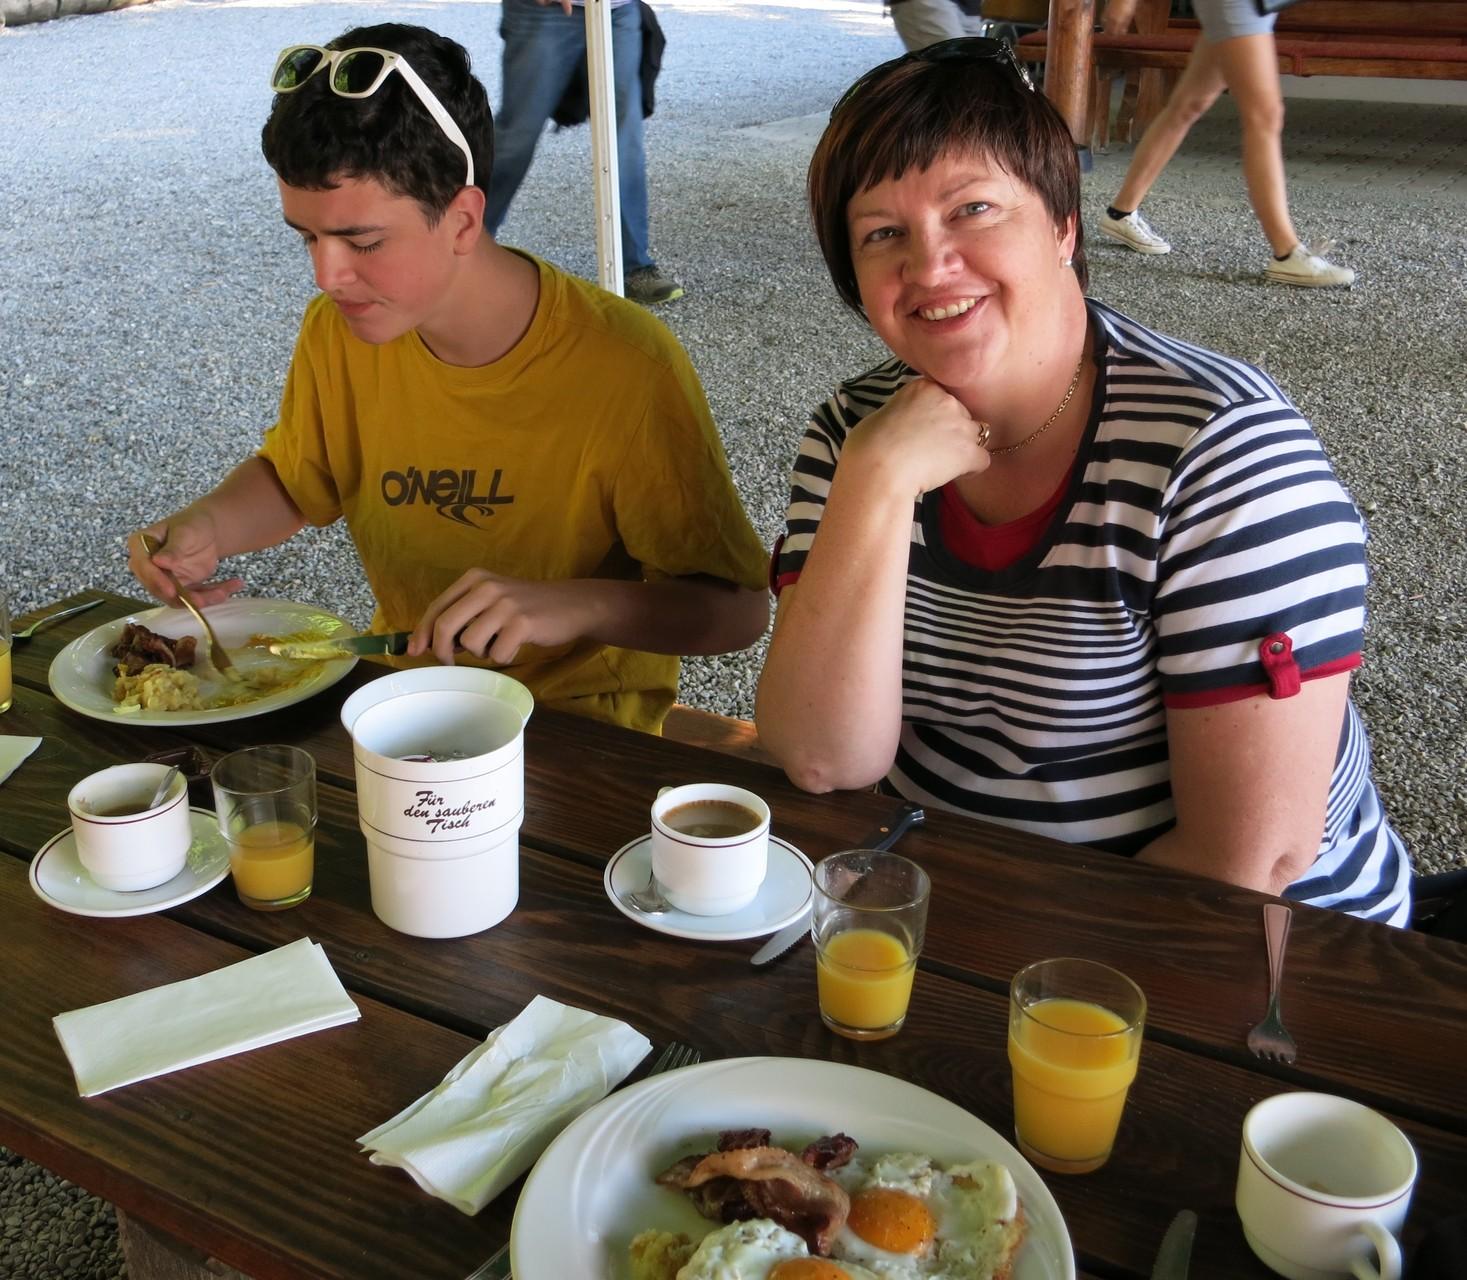 Frühstücksbuffet während den Sommermonaten